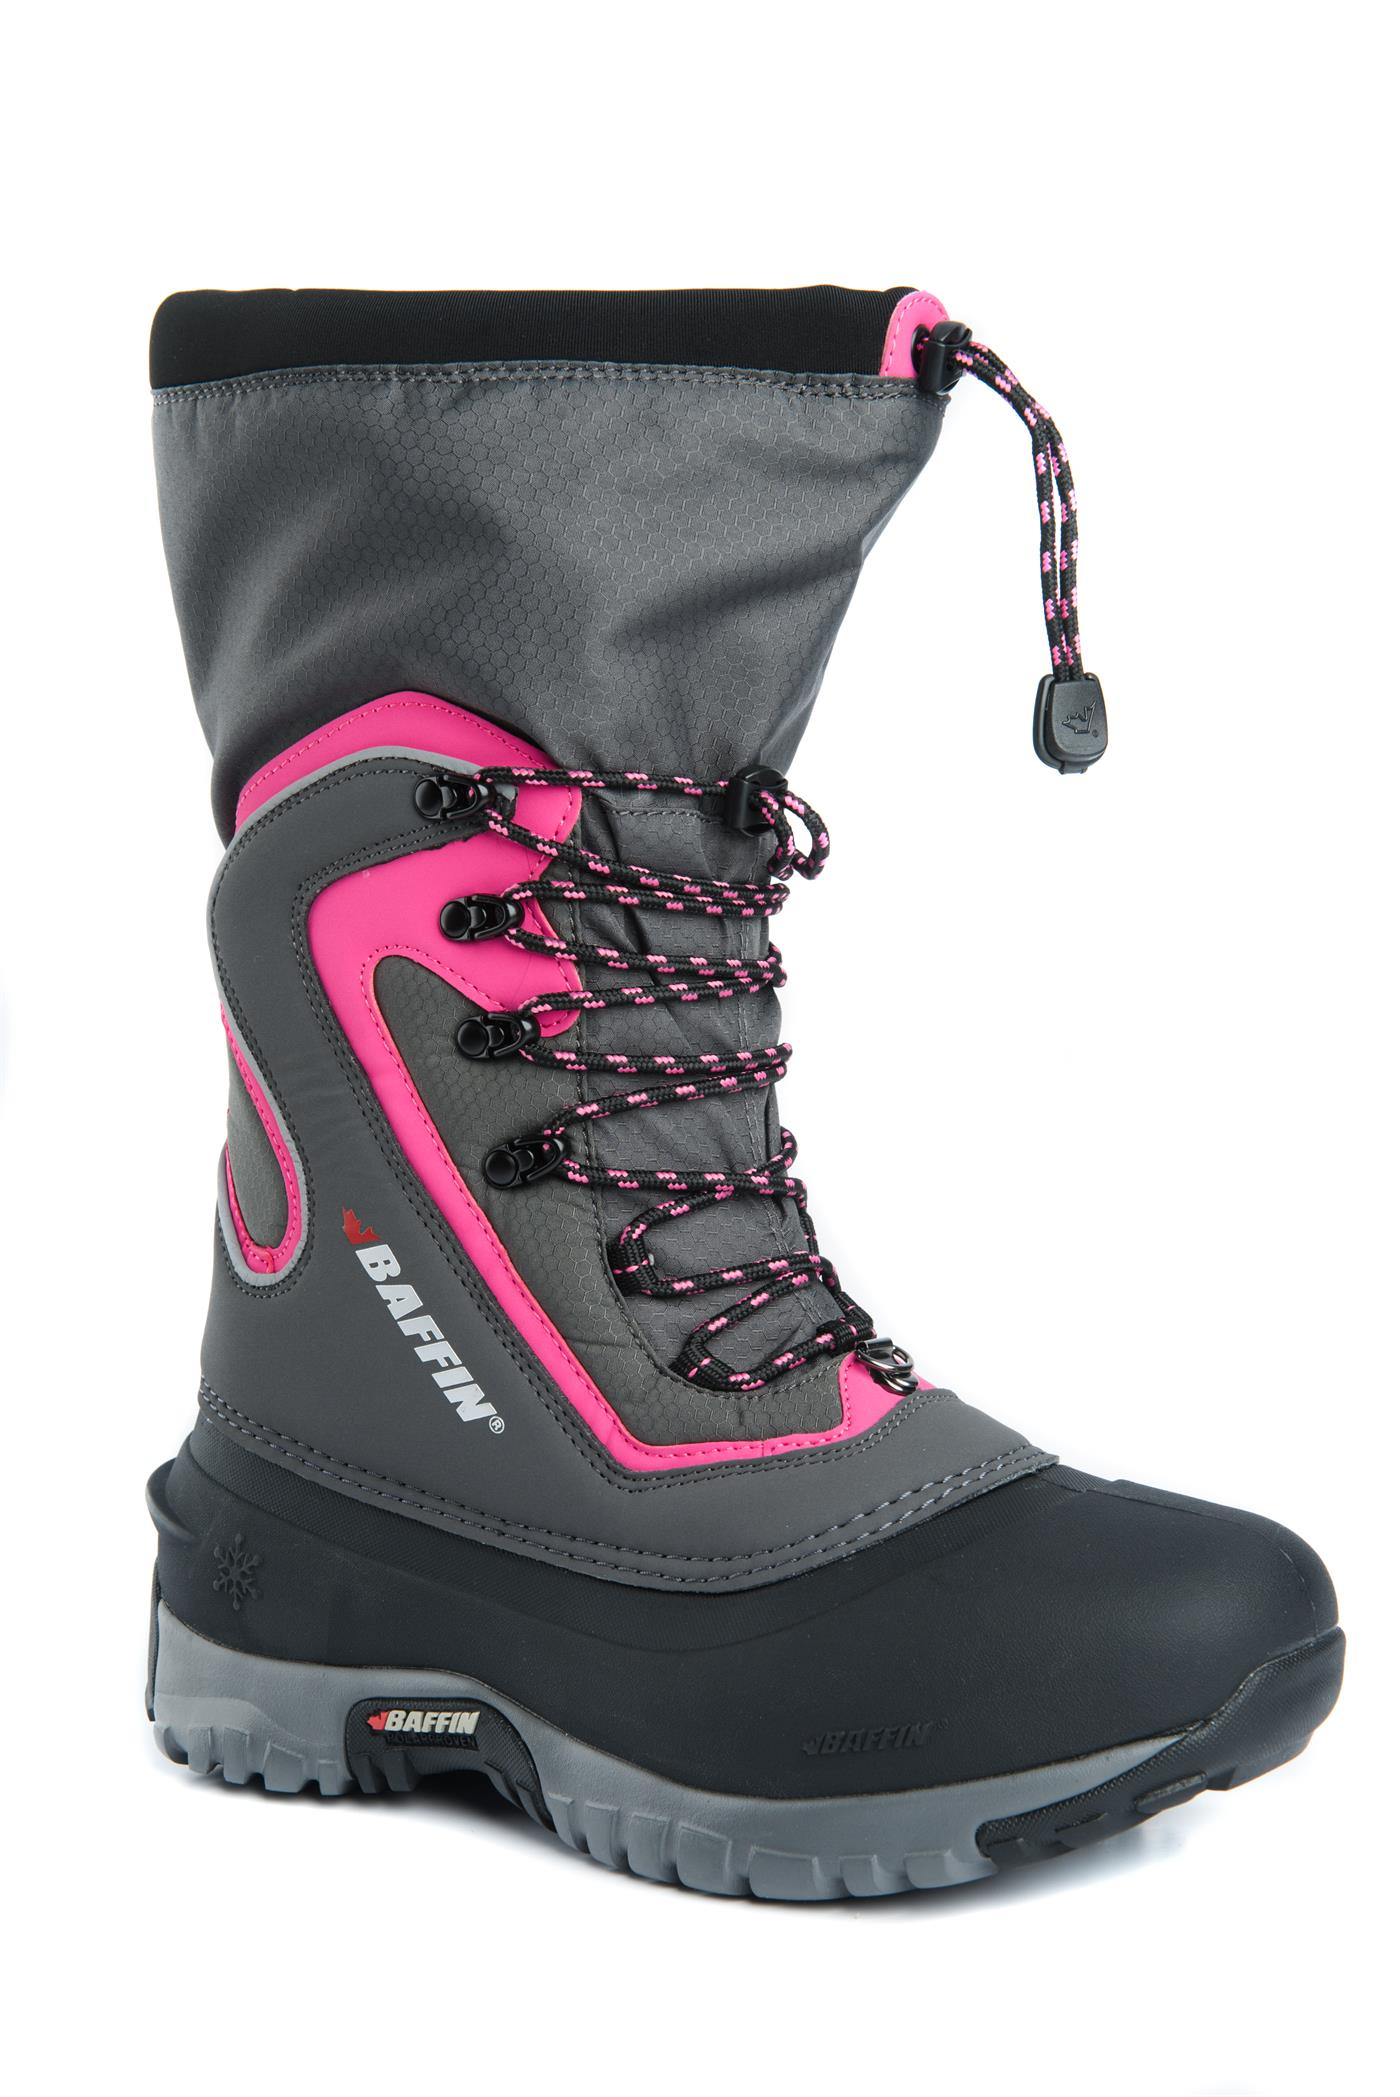 Baffin-flare-vinterstøvel-dame-rosa-front